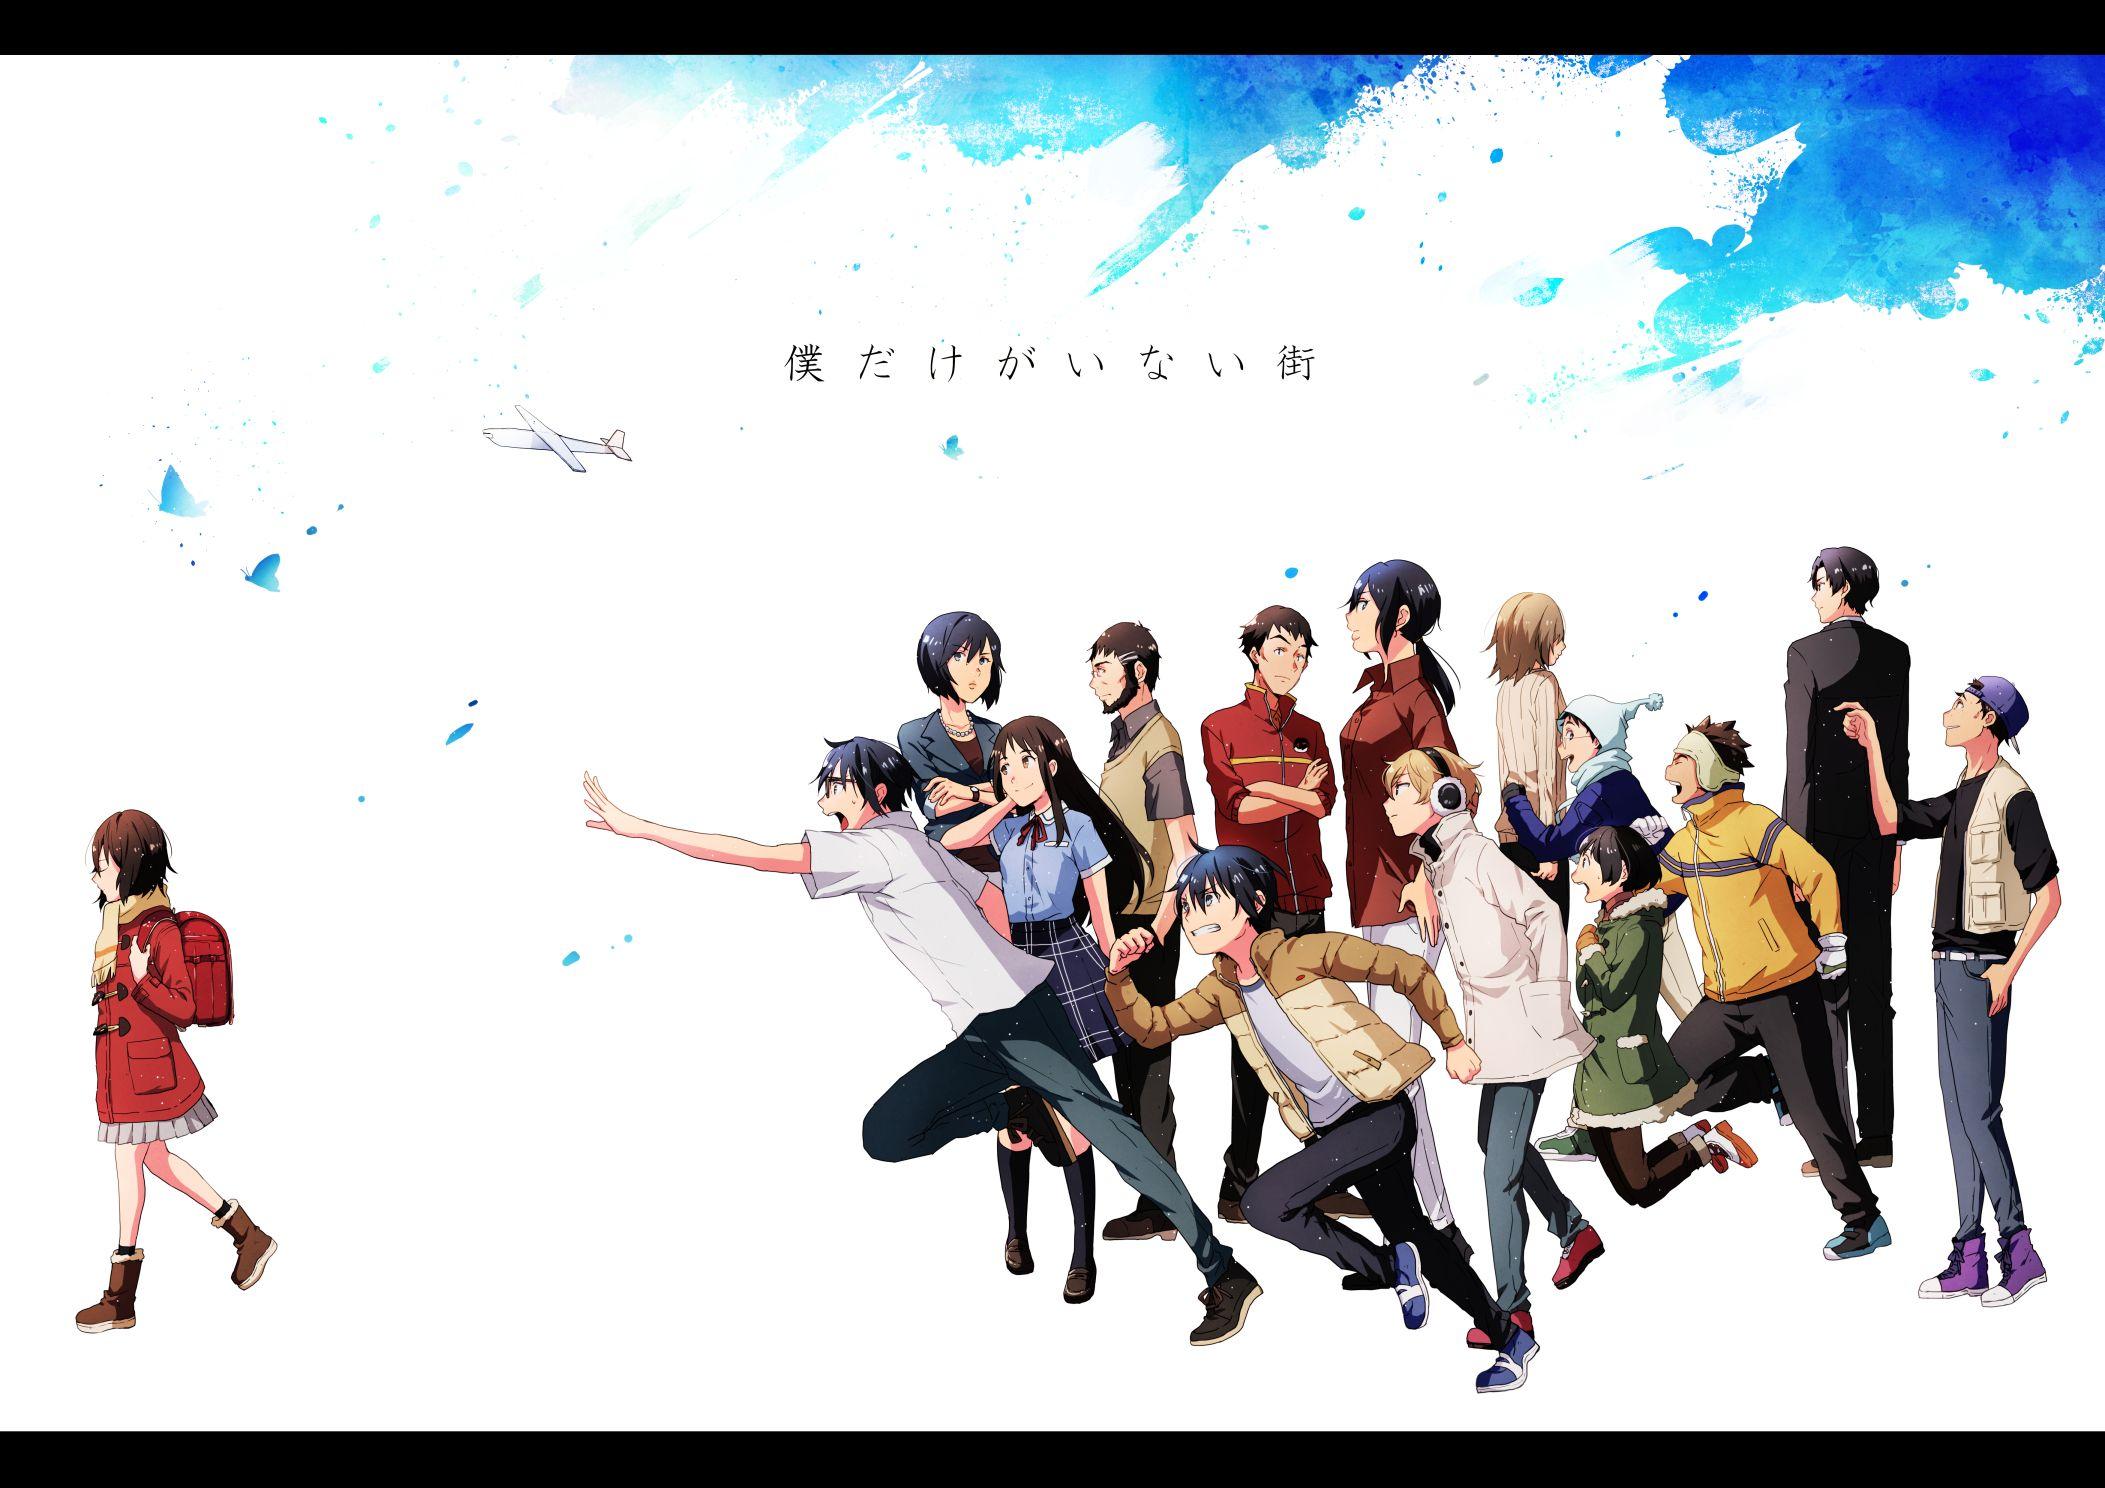 Erased Wallpaper In 2020 Anime Wallpaper Anime Images Anime